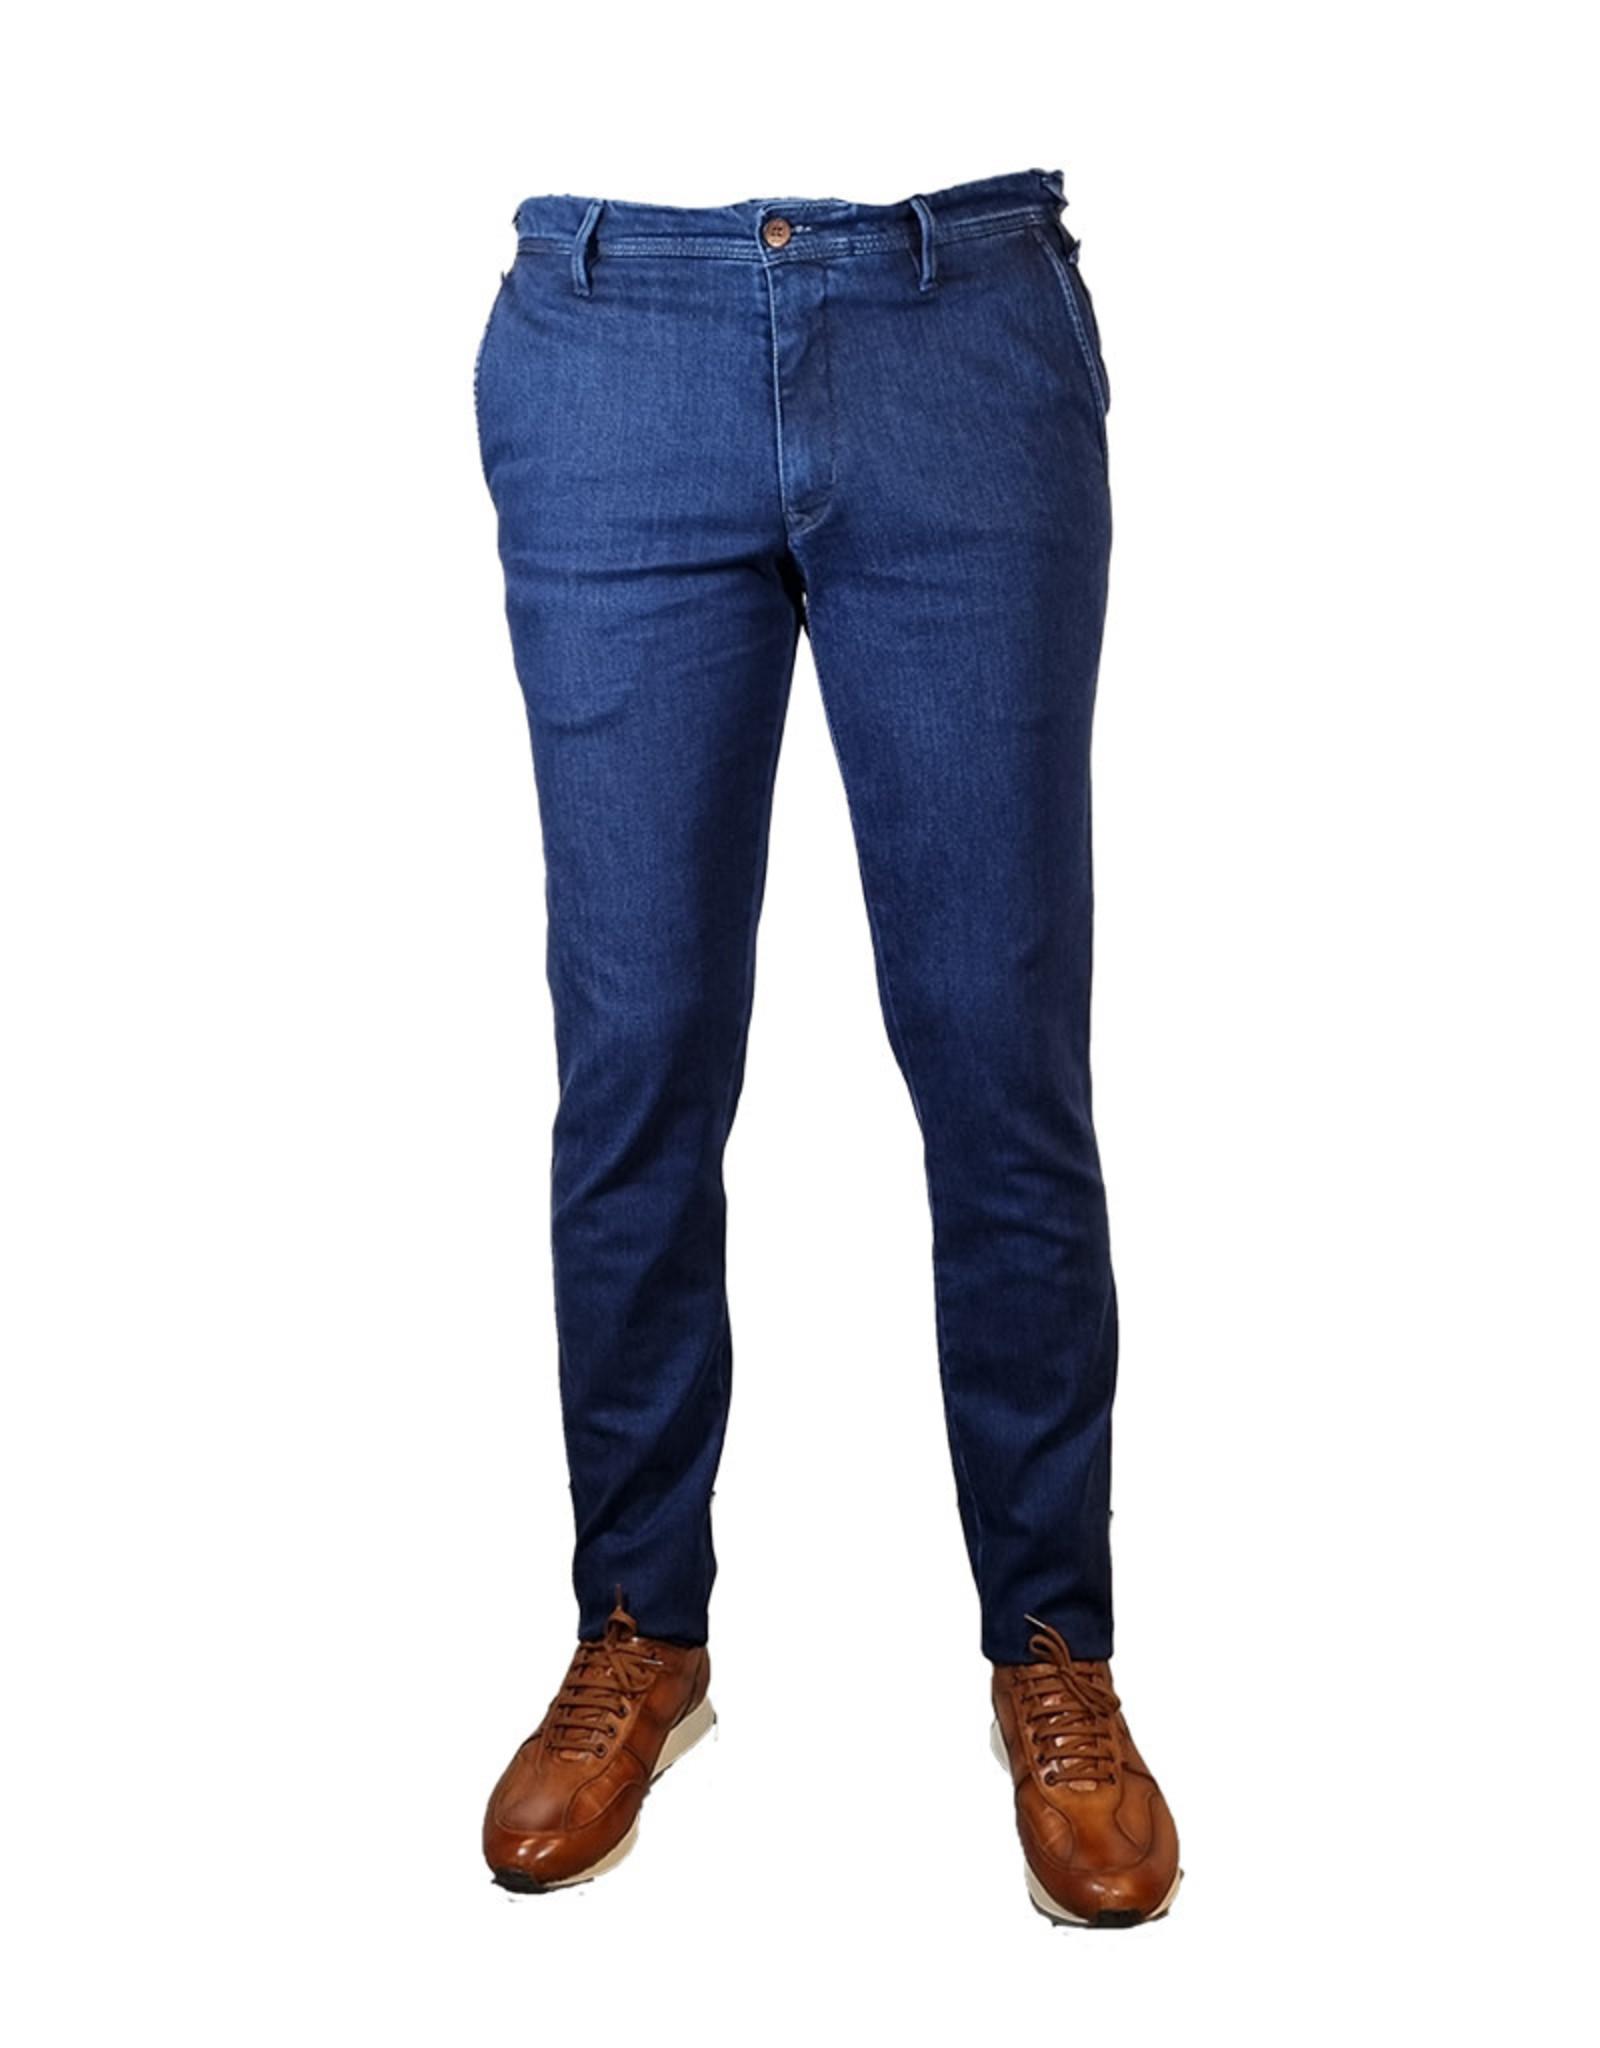 MMX MMX broek jeans blauw Lupus 7156/18